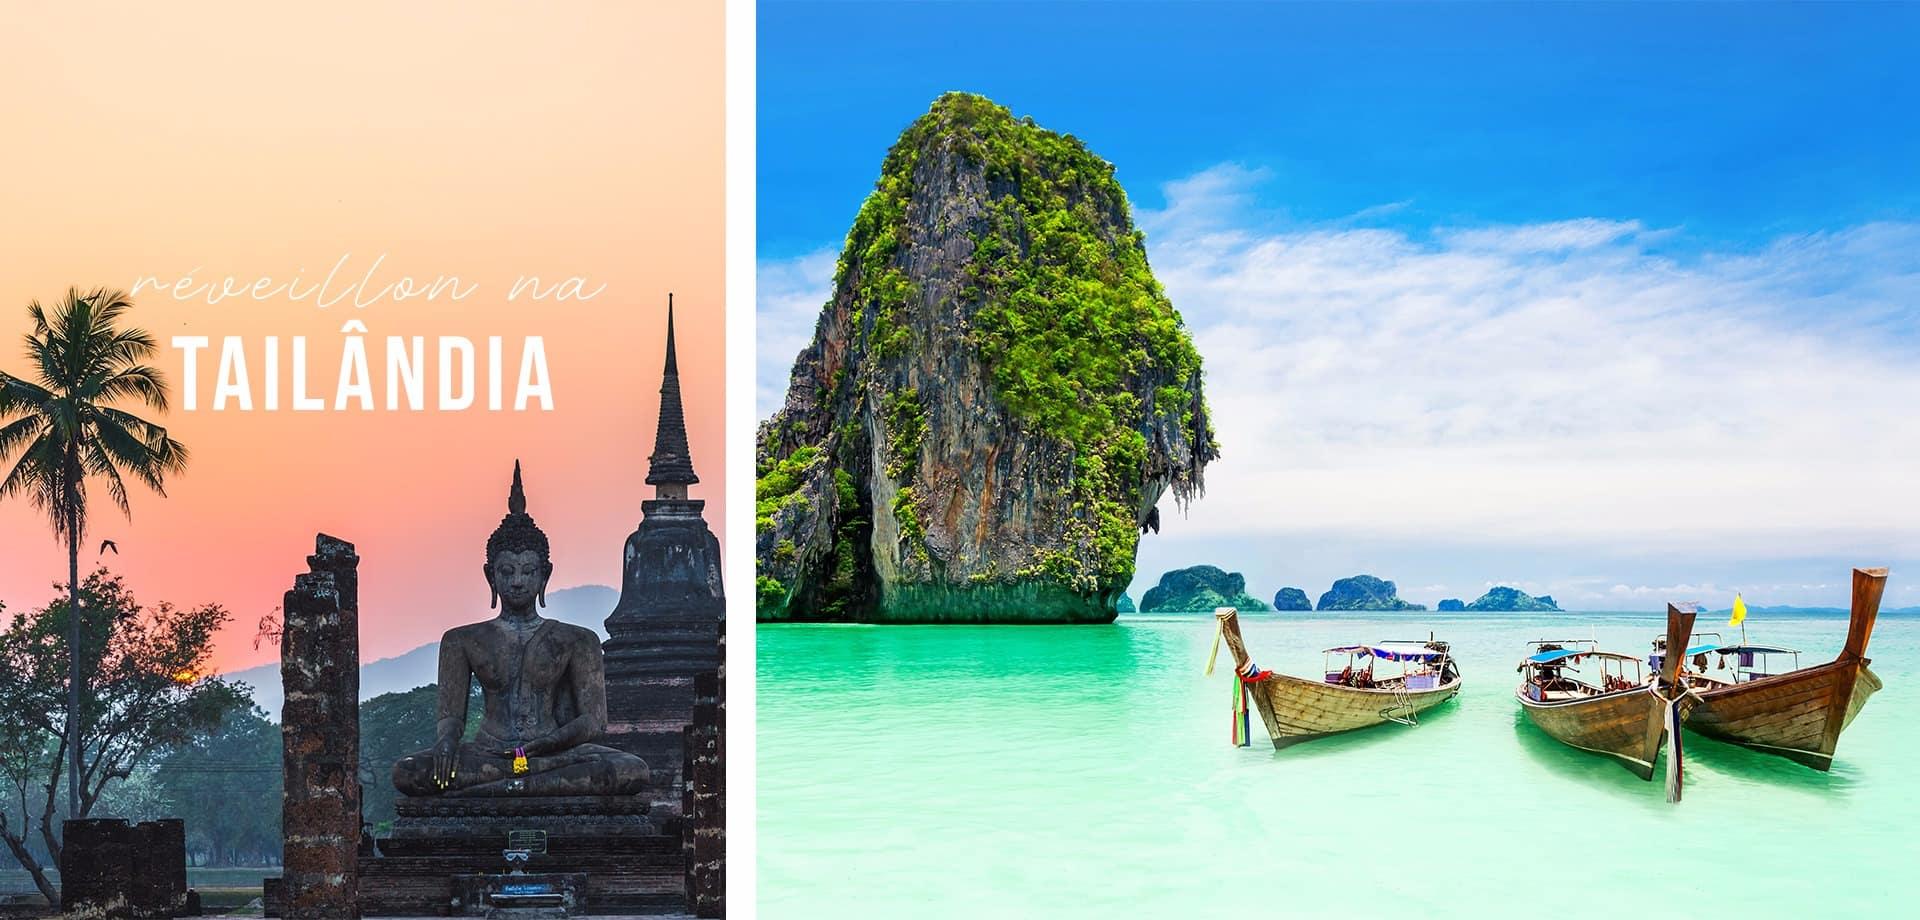 Reveillon na tailandia1